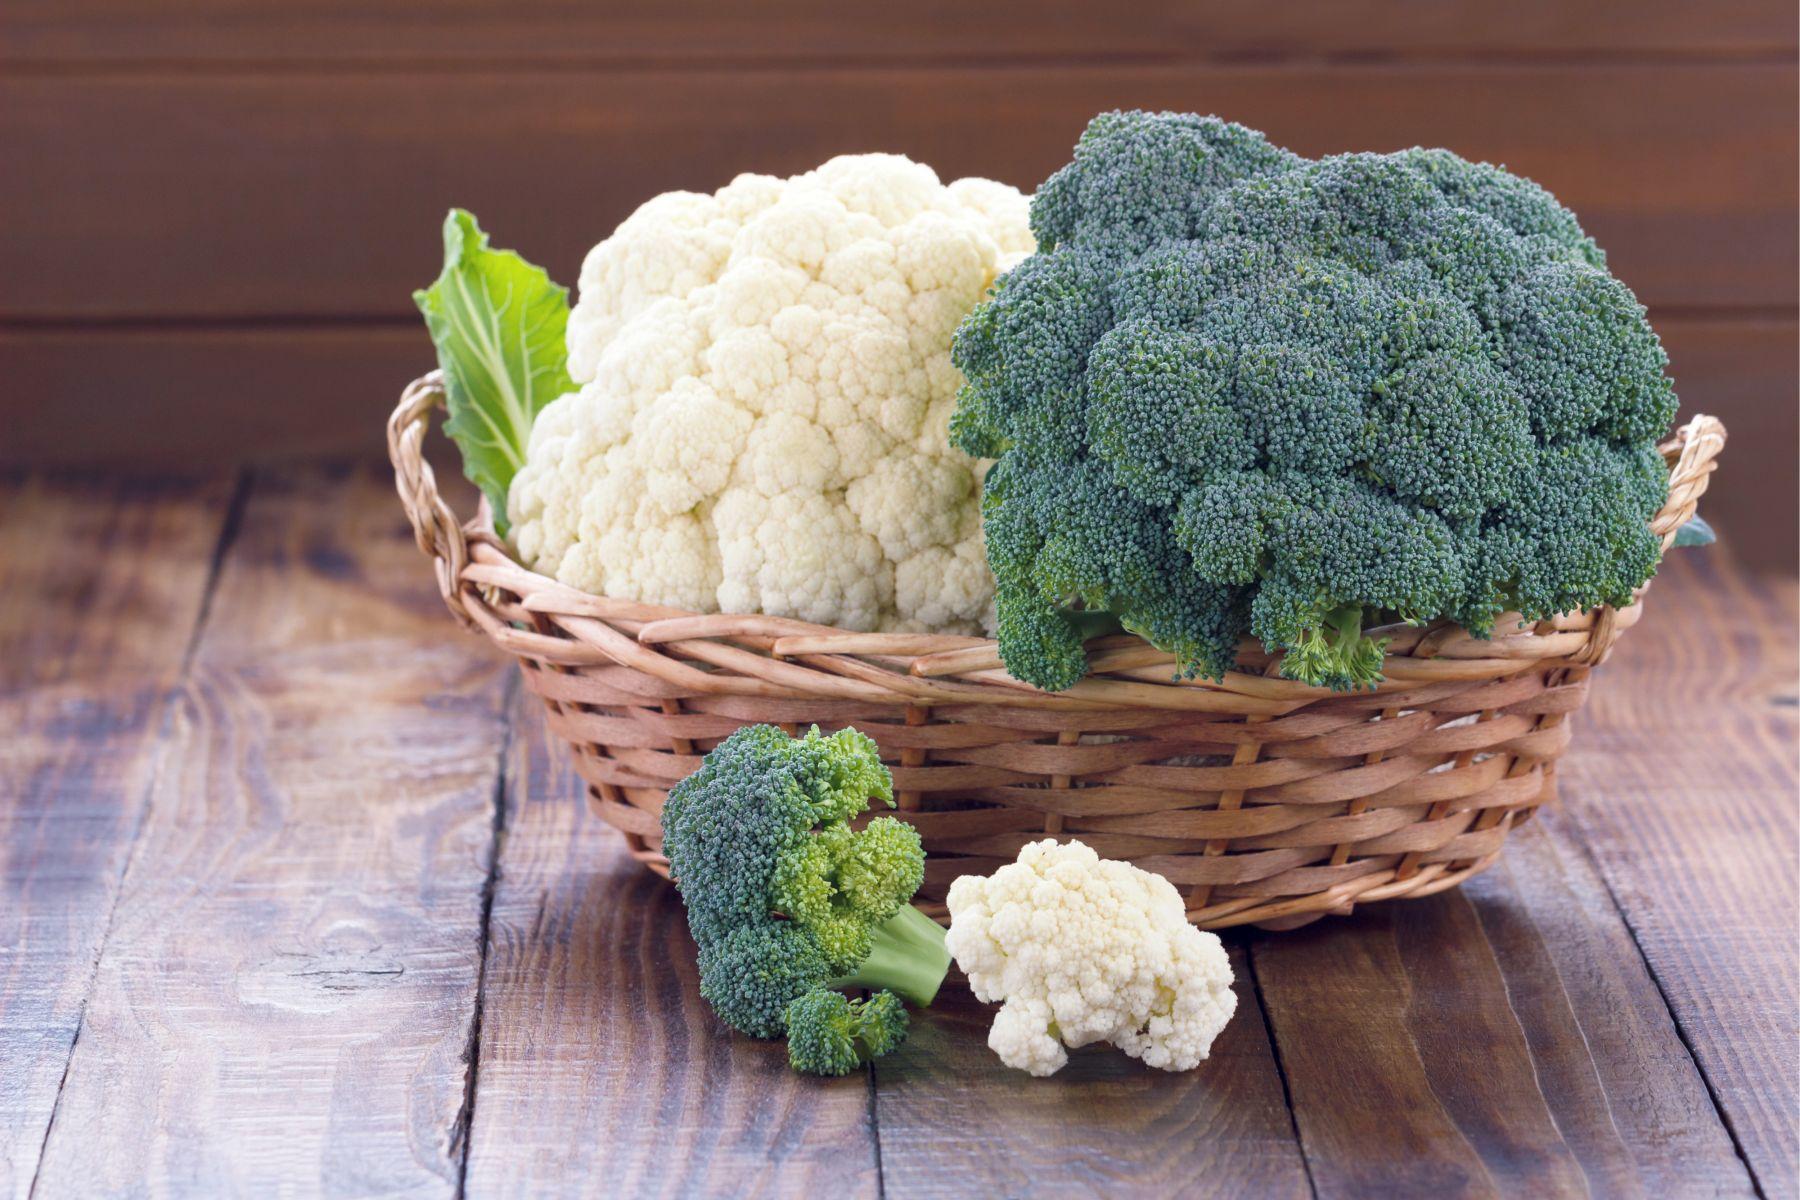 綠花椰菜好處多!研究發現4大功效、降低致癌風險效果強